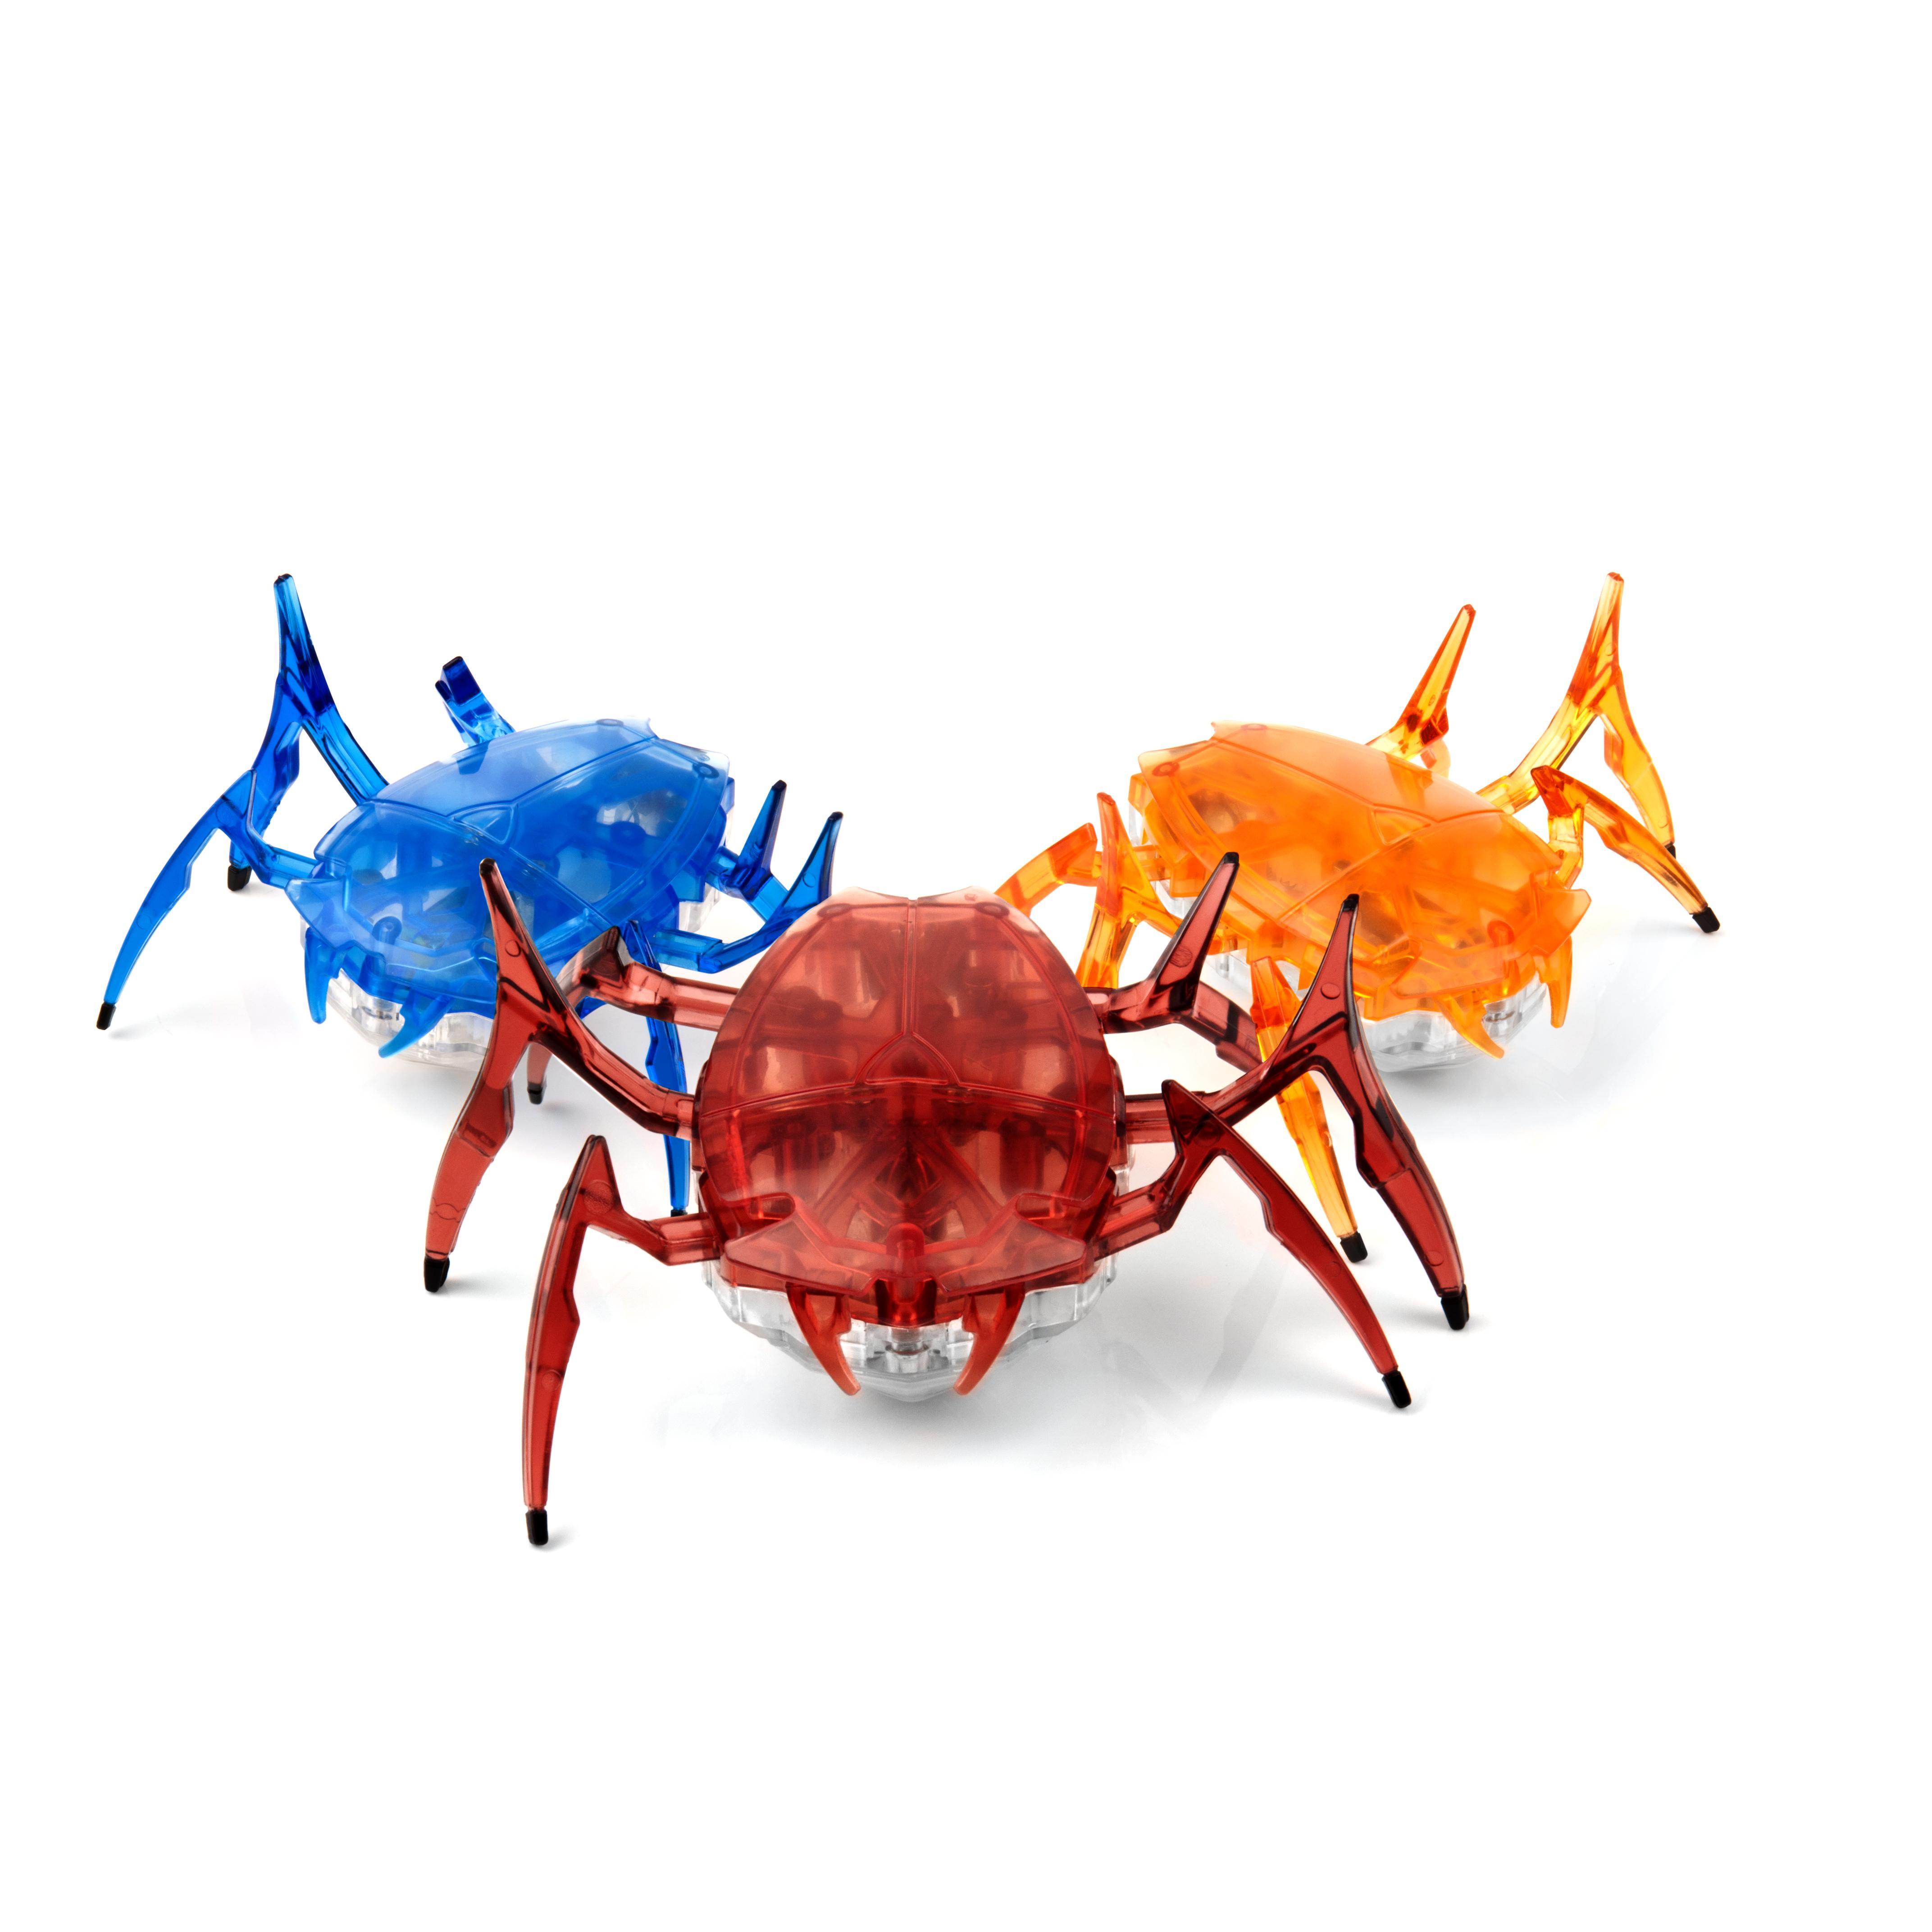 Hexbug Scarab - paristokäyttöinen hämähäkki.